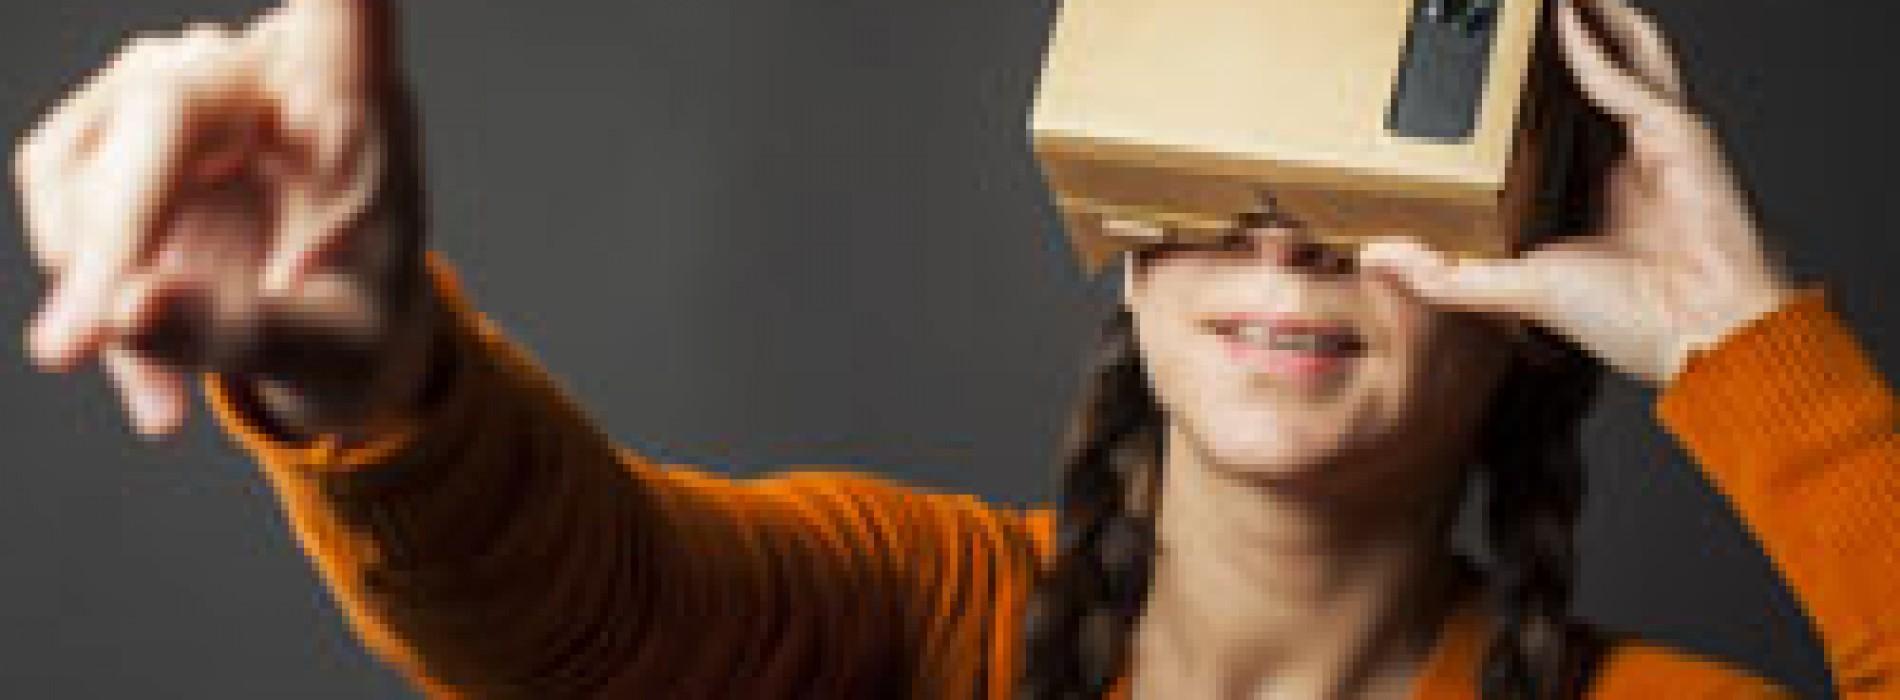 Visores Virtuales de bajo costo llegan al Perú